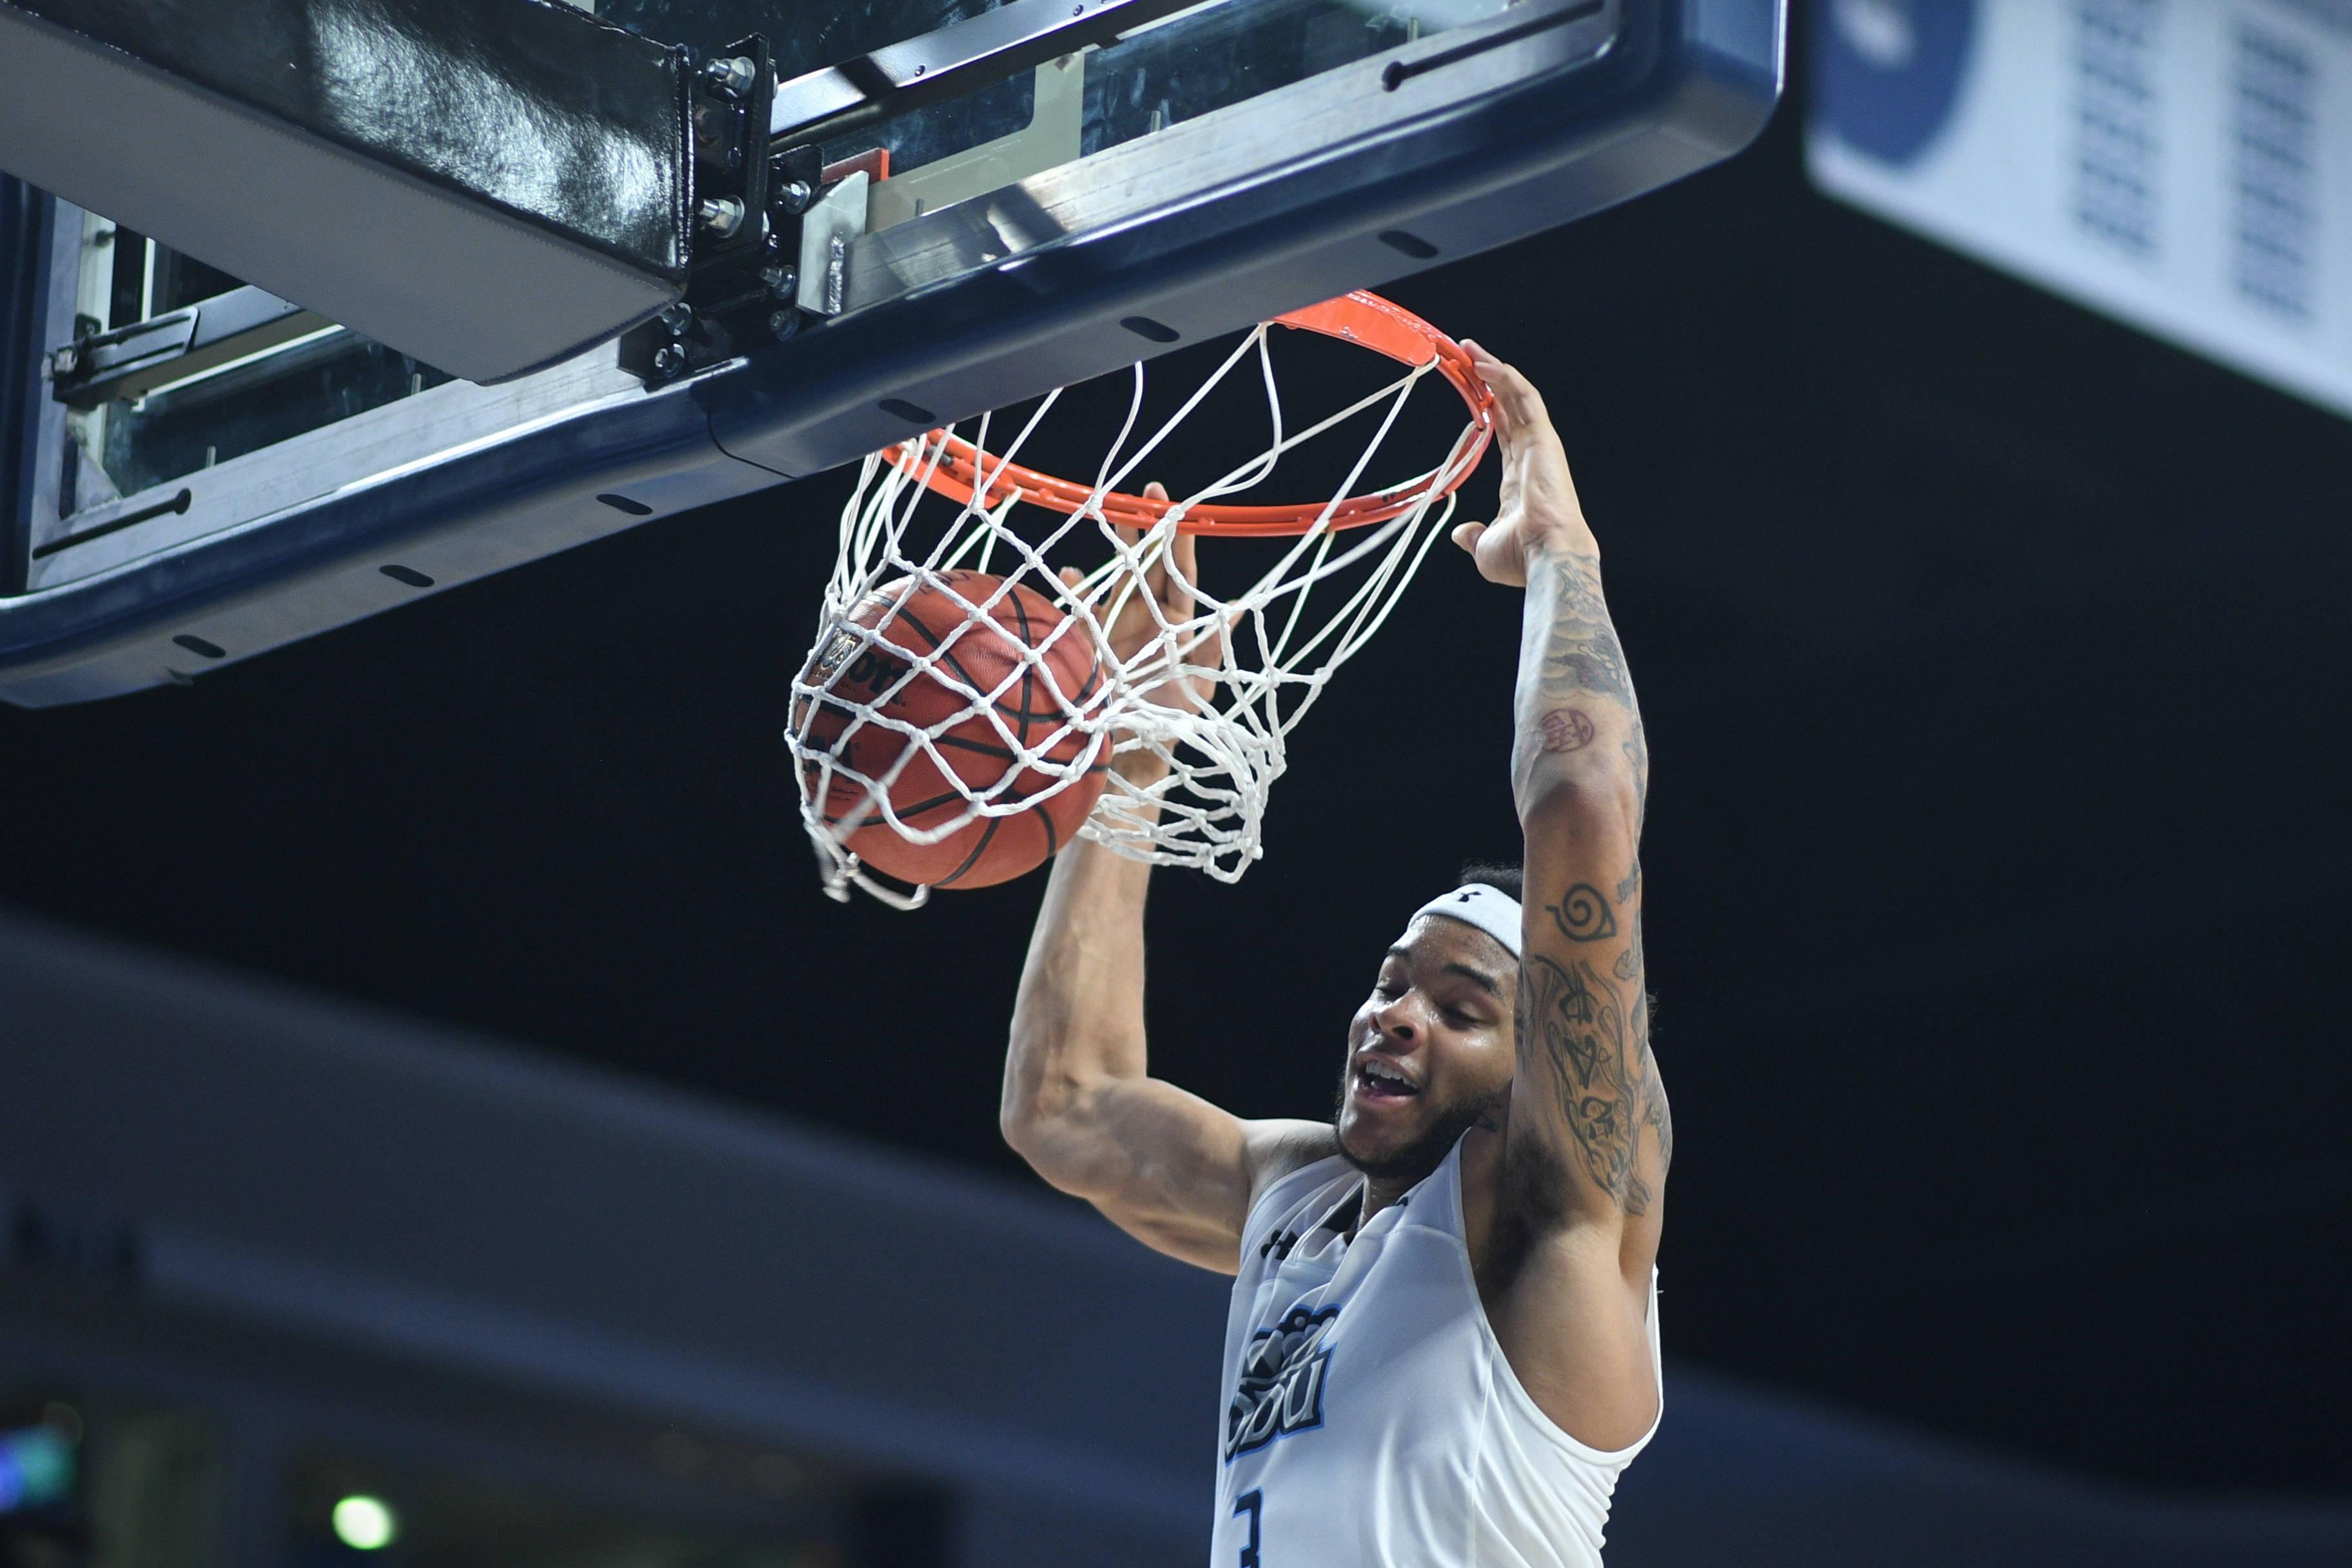 Nieuwe Amerikaanse aanwinst B.J. Stith komt uit een echte basketbalfamilie: 'Hij is zowel sterk als snel' [video]